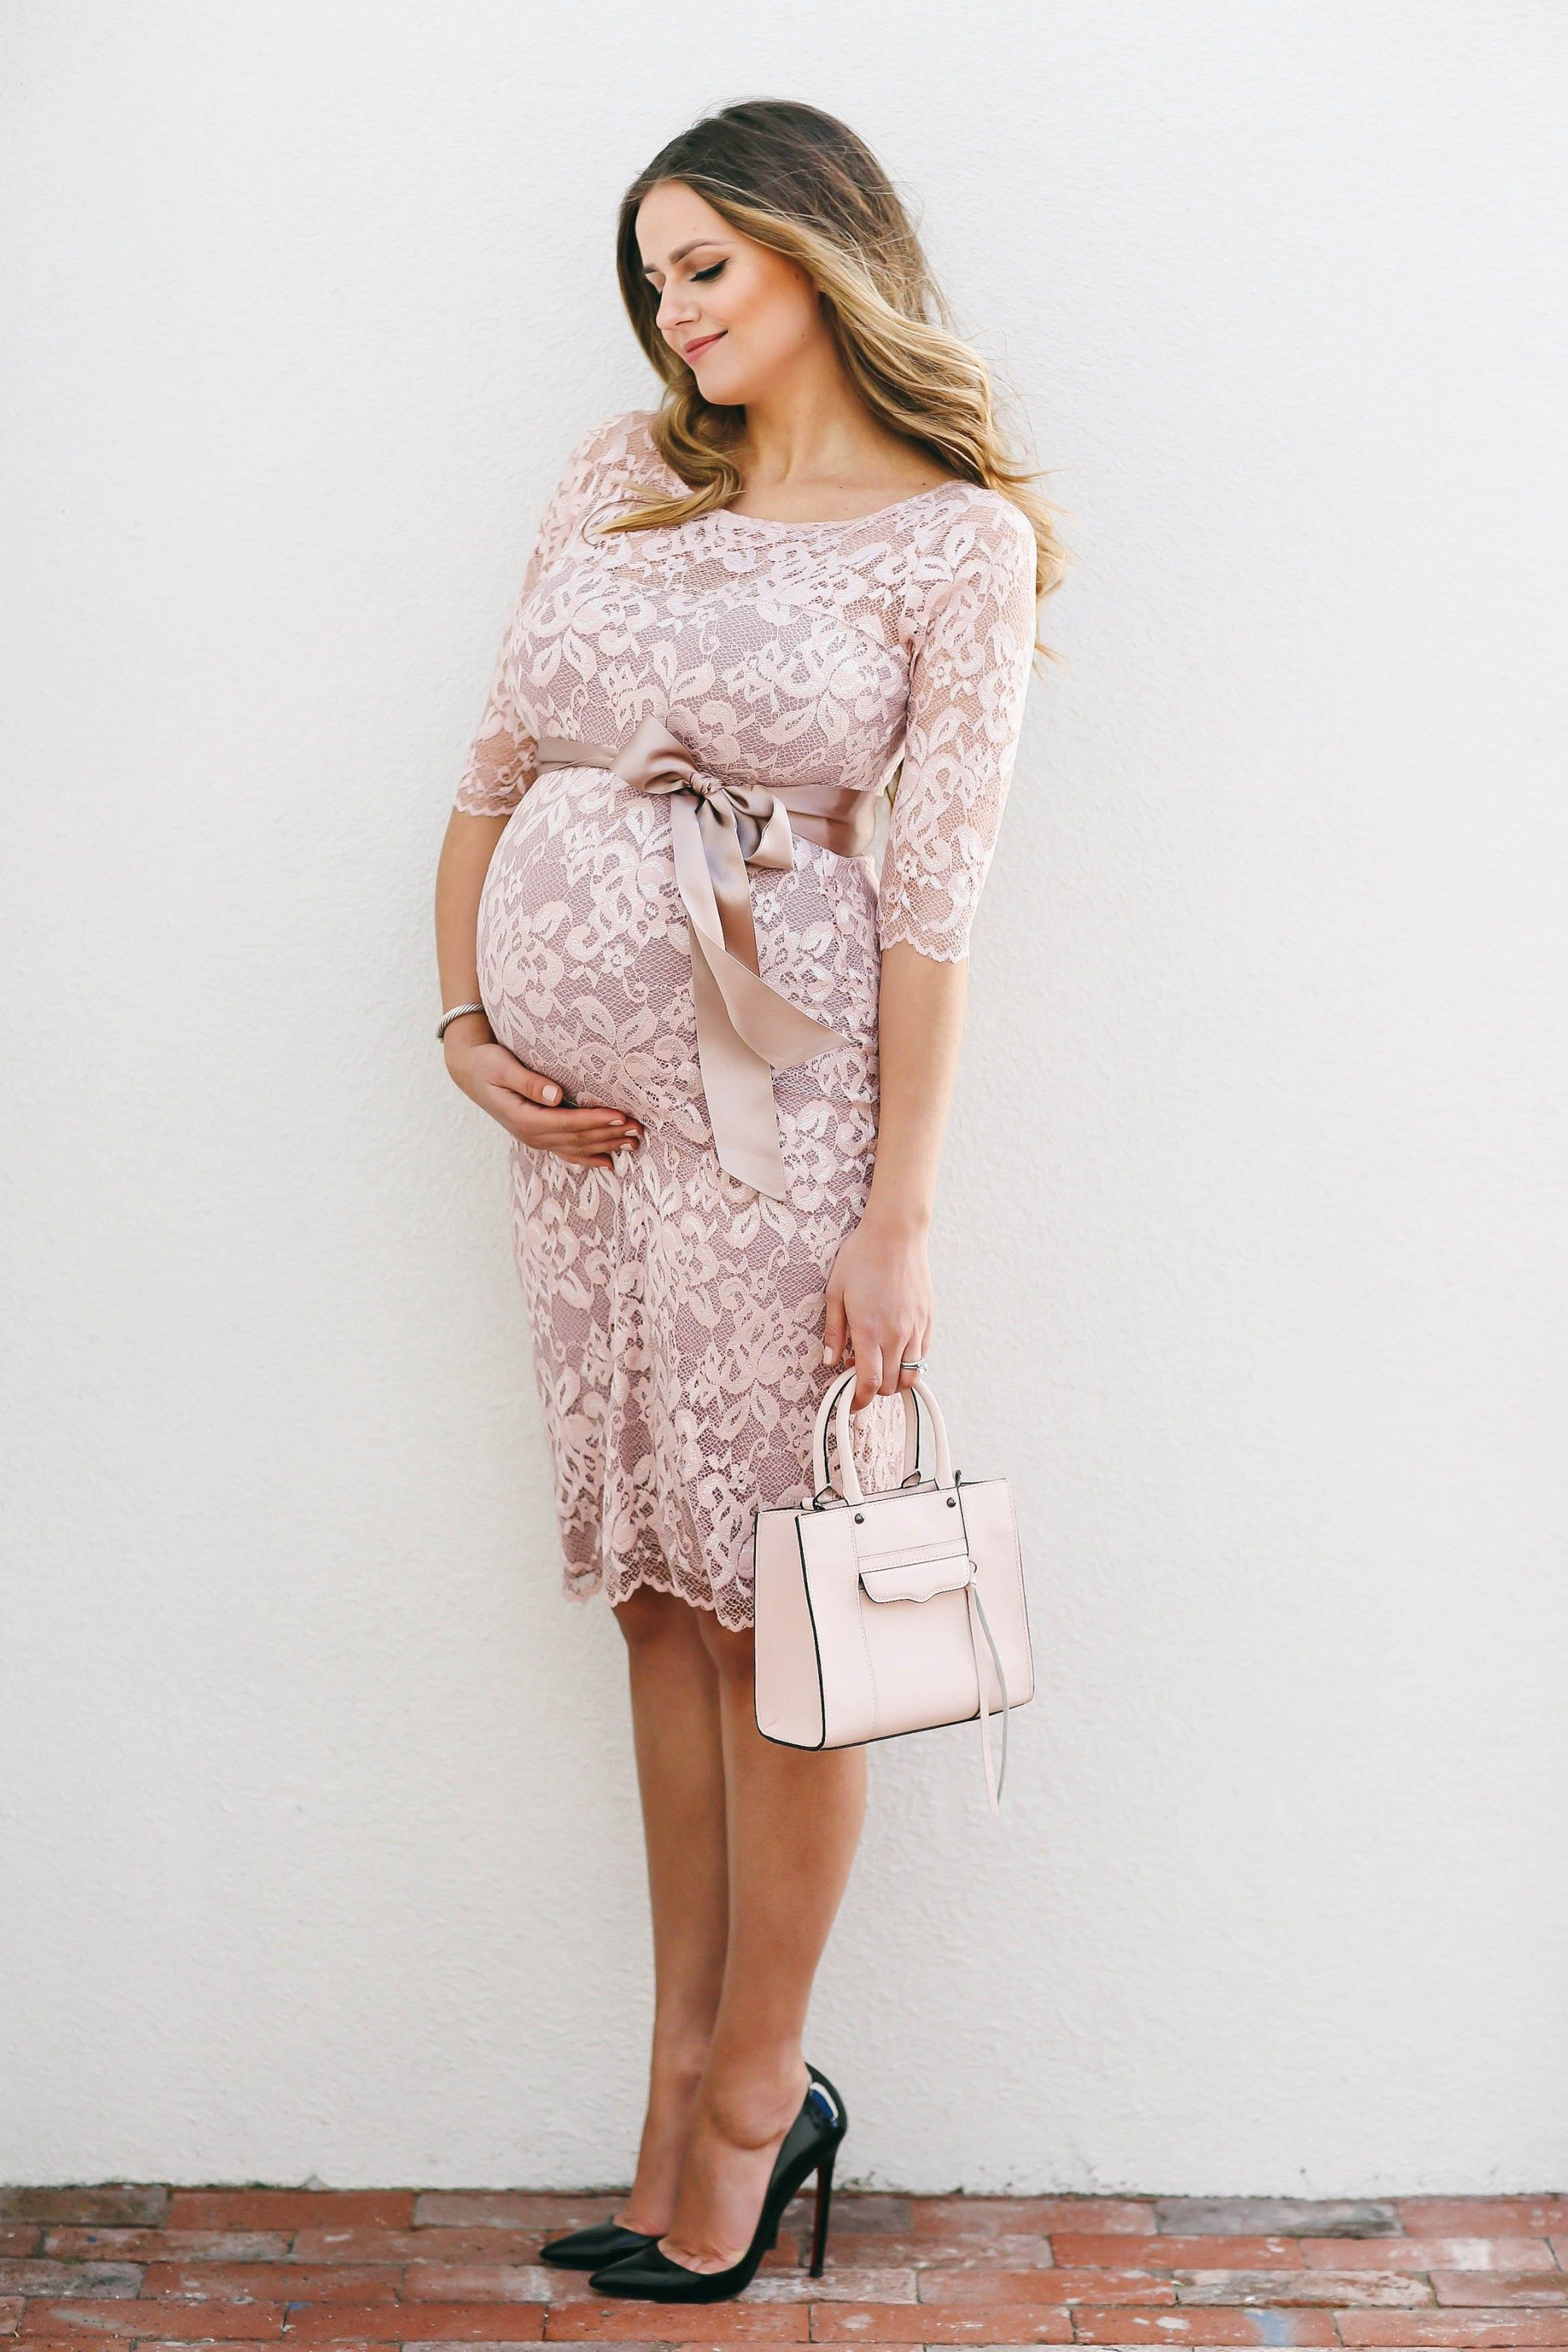 Bumpstyle Blush Pink Lace Maternity Dress Bondgirlglam